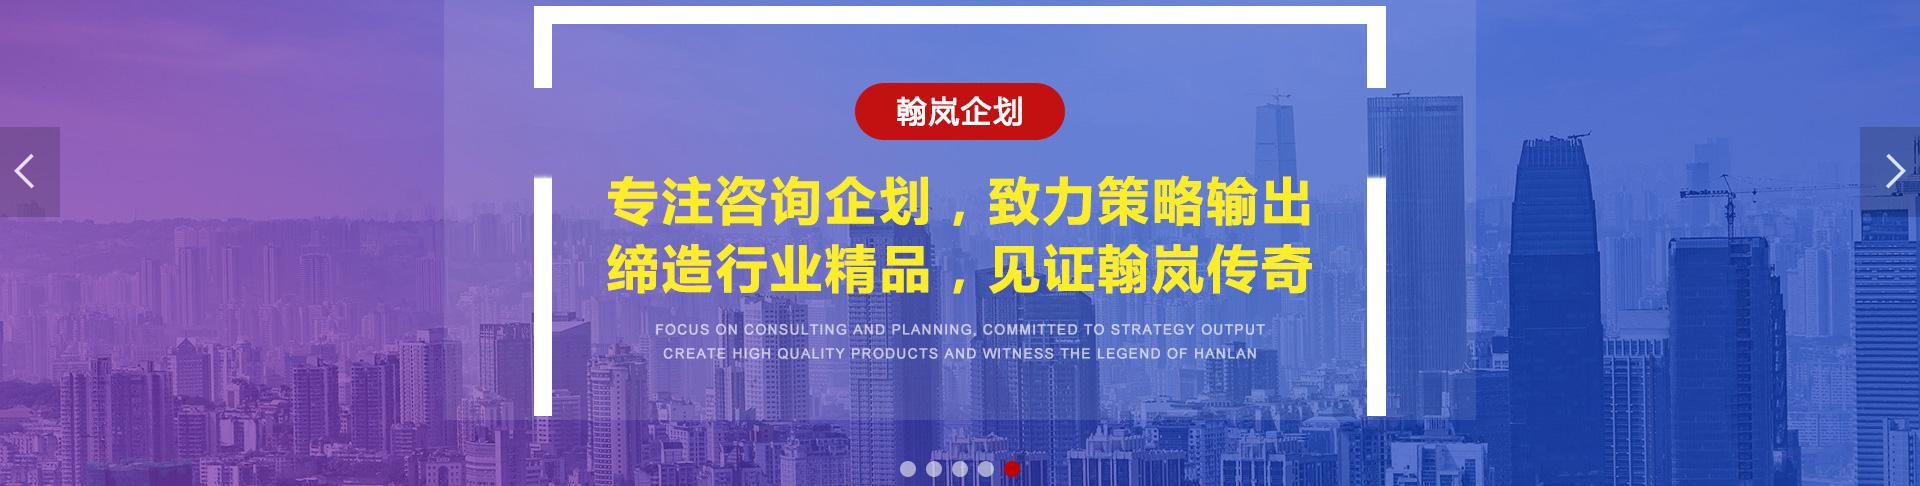 郑州网站设计制作公司